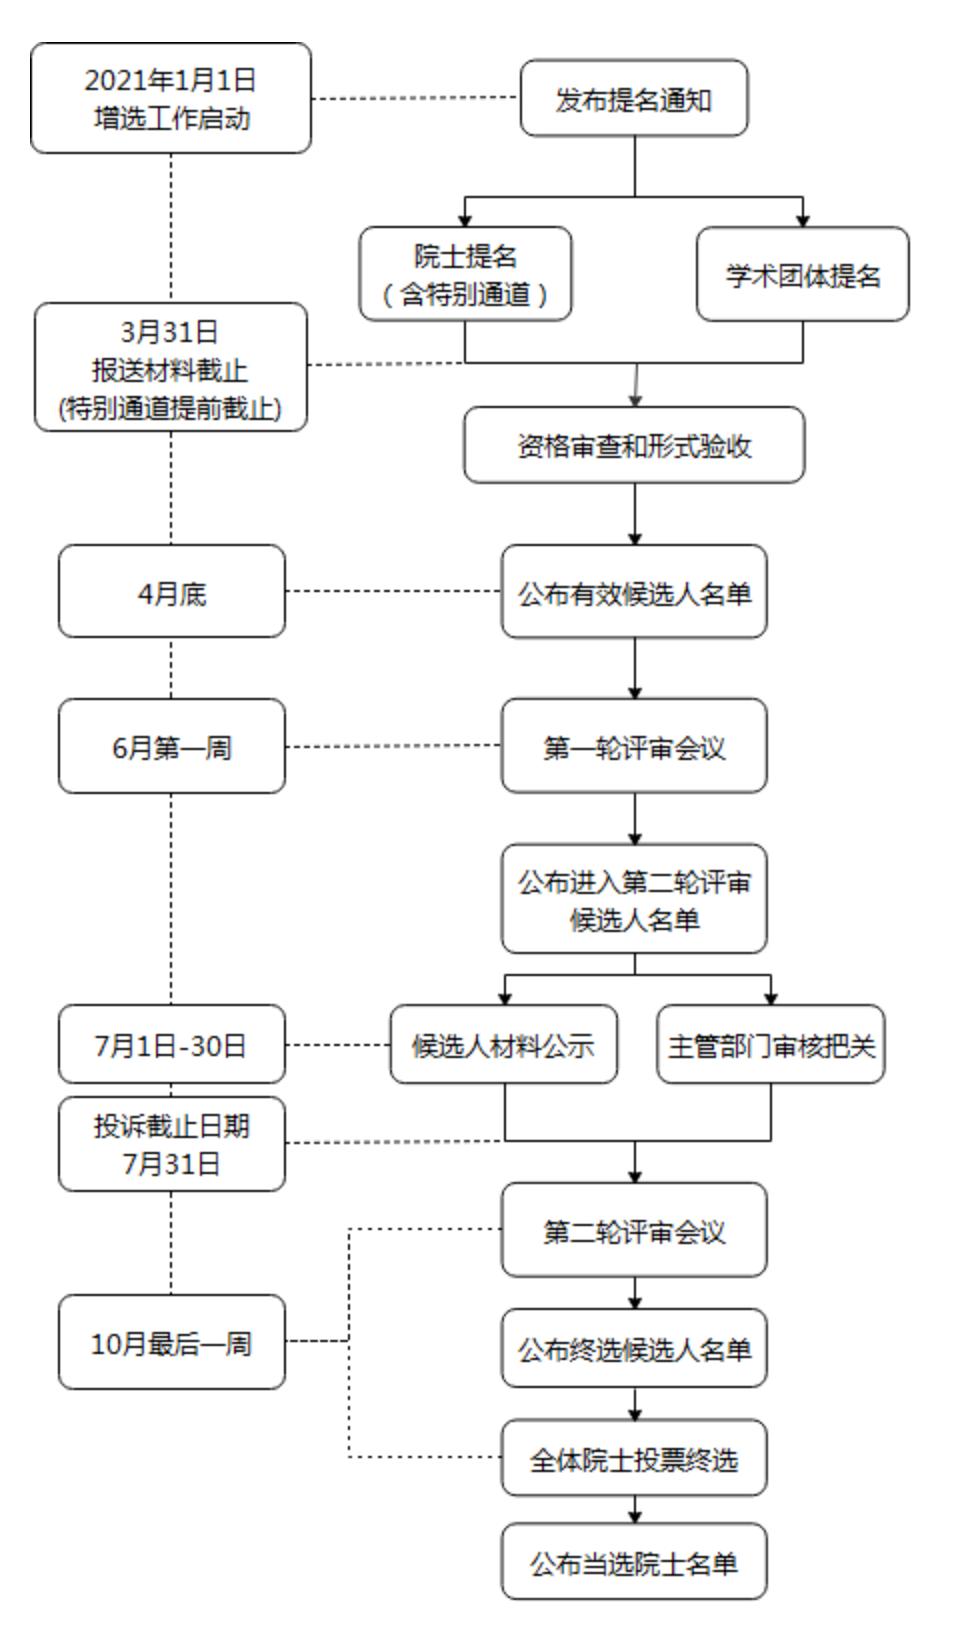 中国工程院2021年院士增选工作日程安排(图源:澎湃新闻)